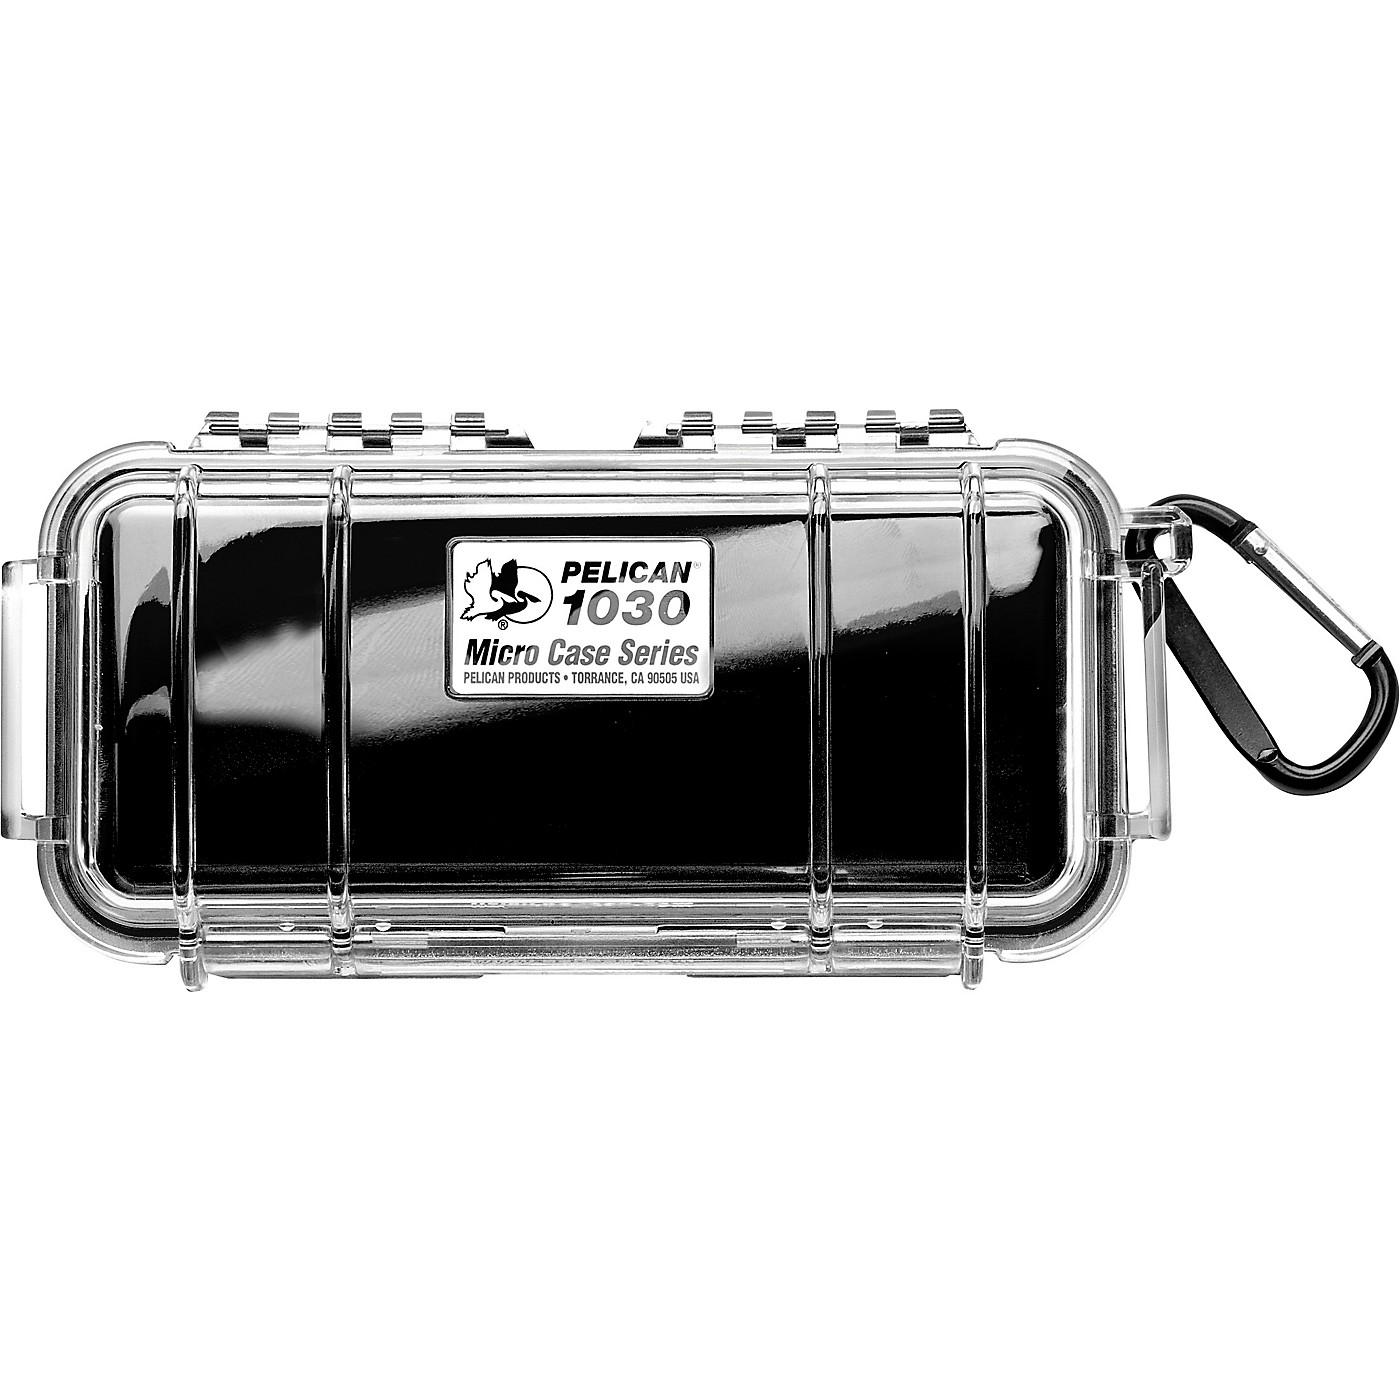 PELICAN 1030 Micro Case thumbnail